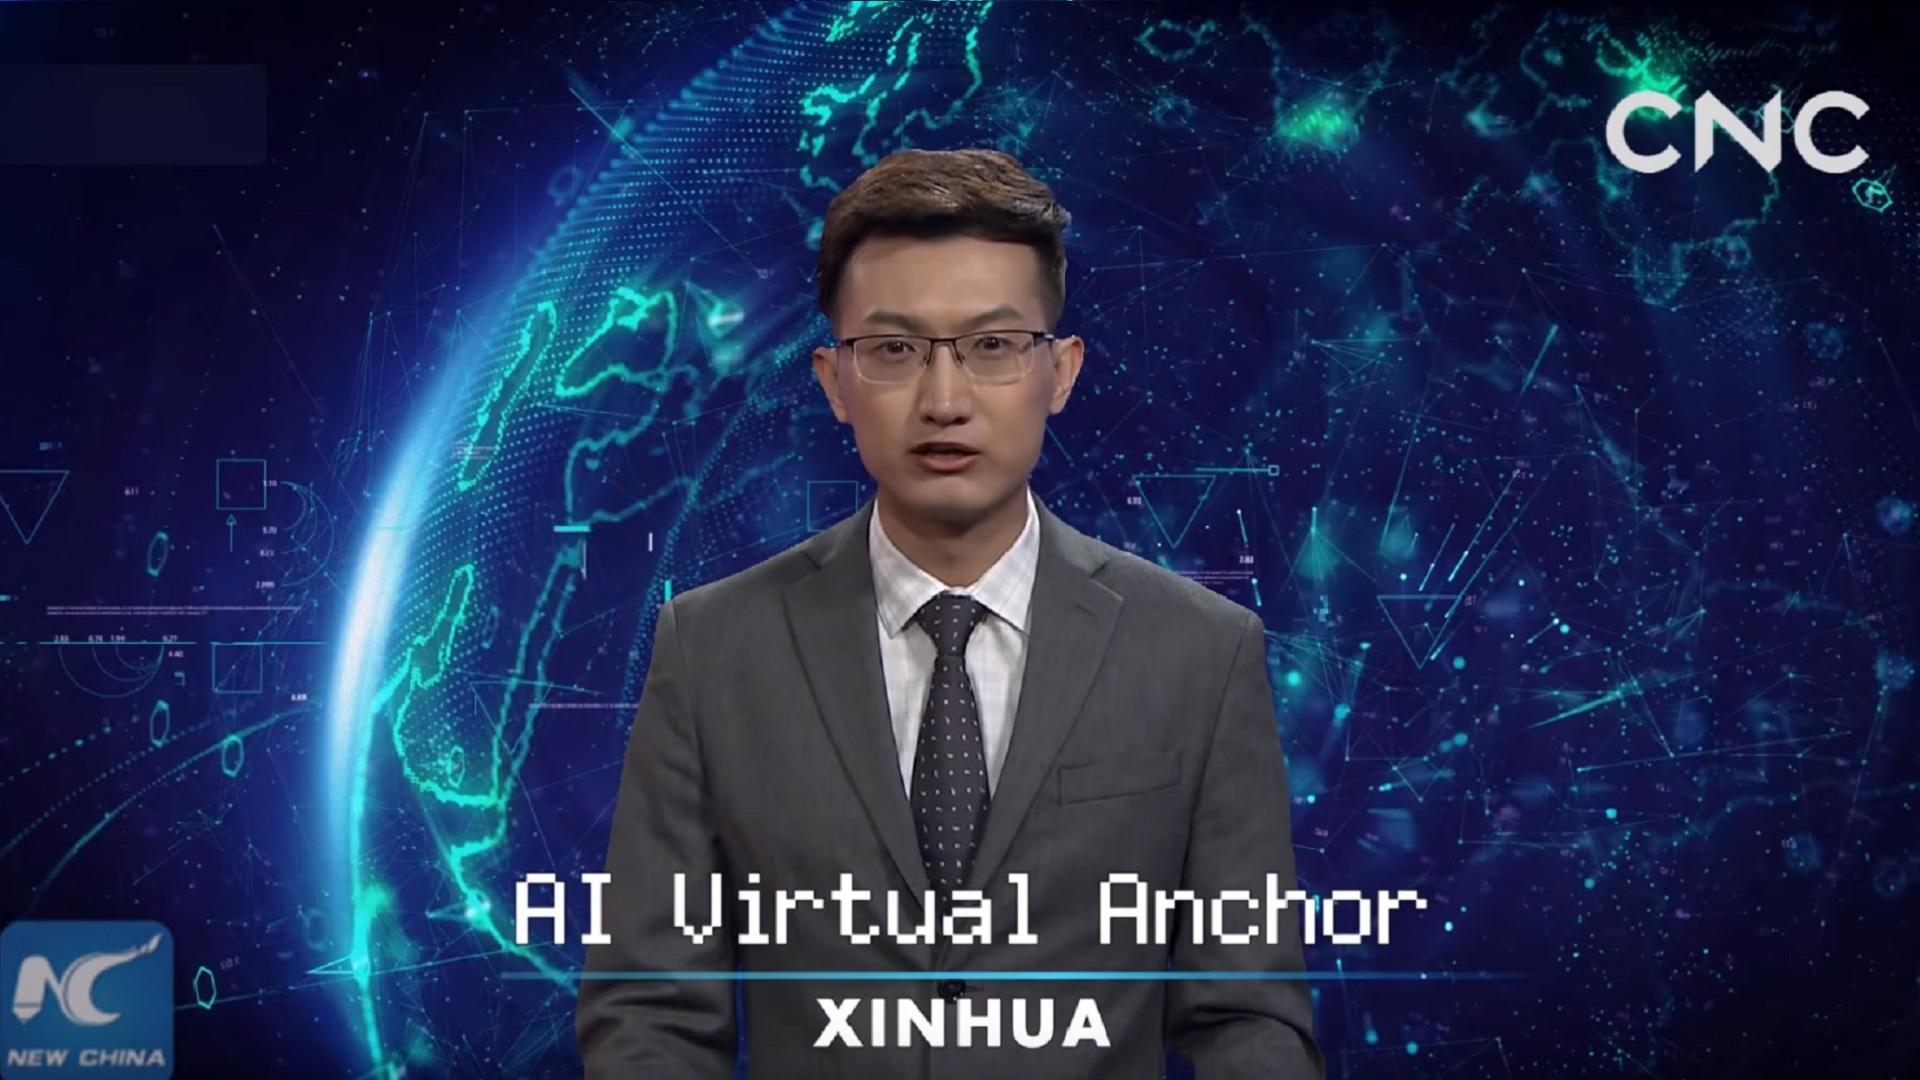 Chine : le gouvernement engage une IA pour présenter les nouvelles à la télé